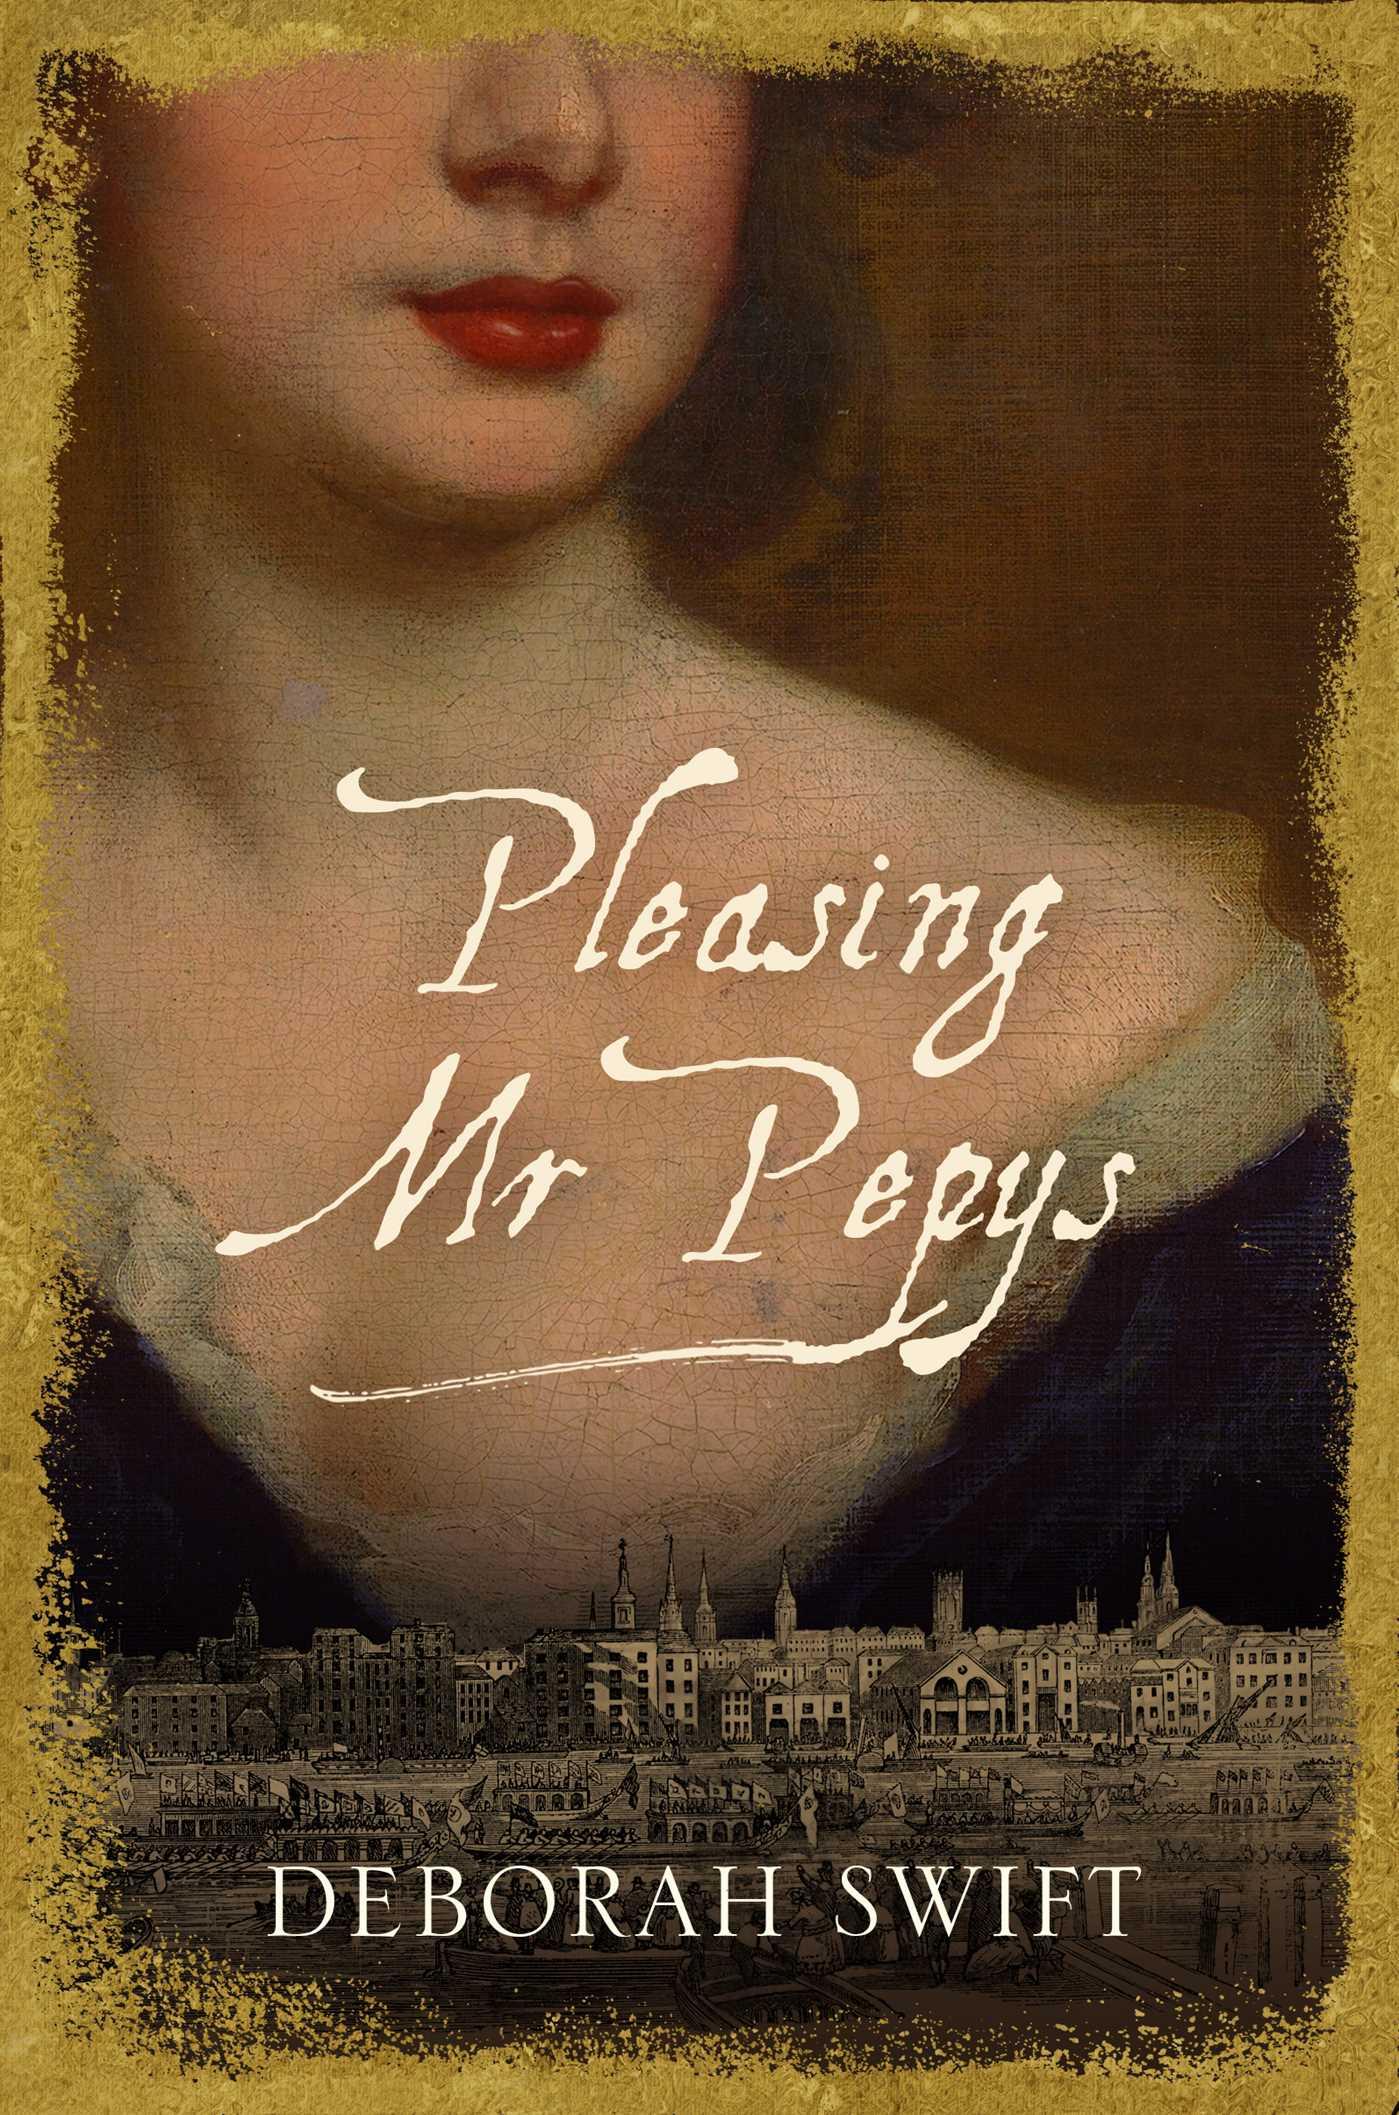 Pleasing mr pepys 9781682996317 hr